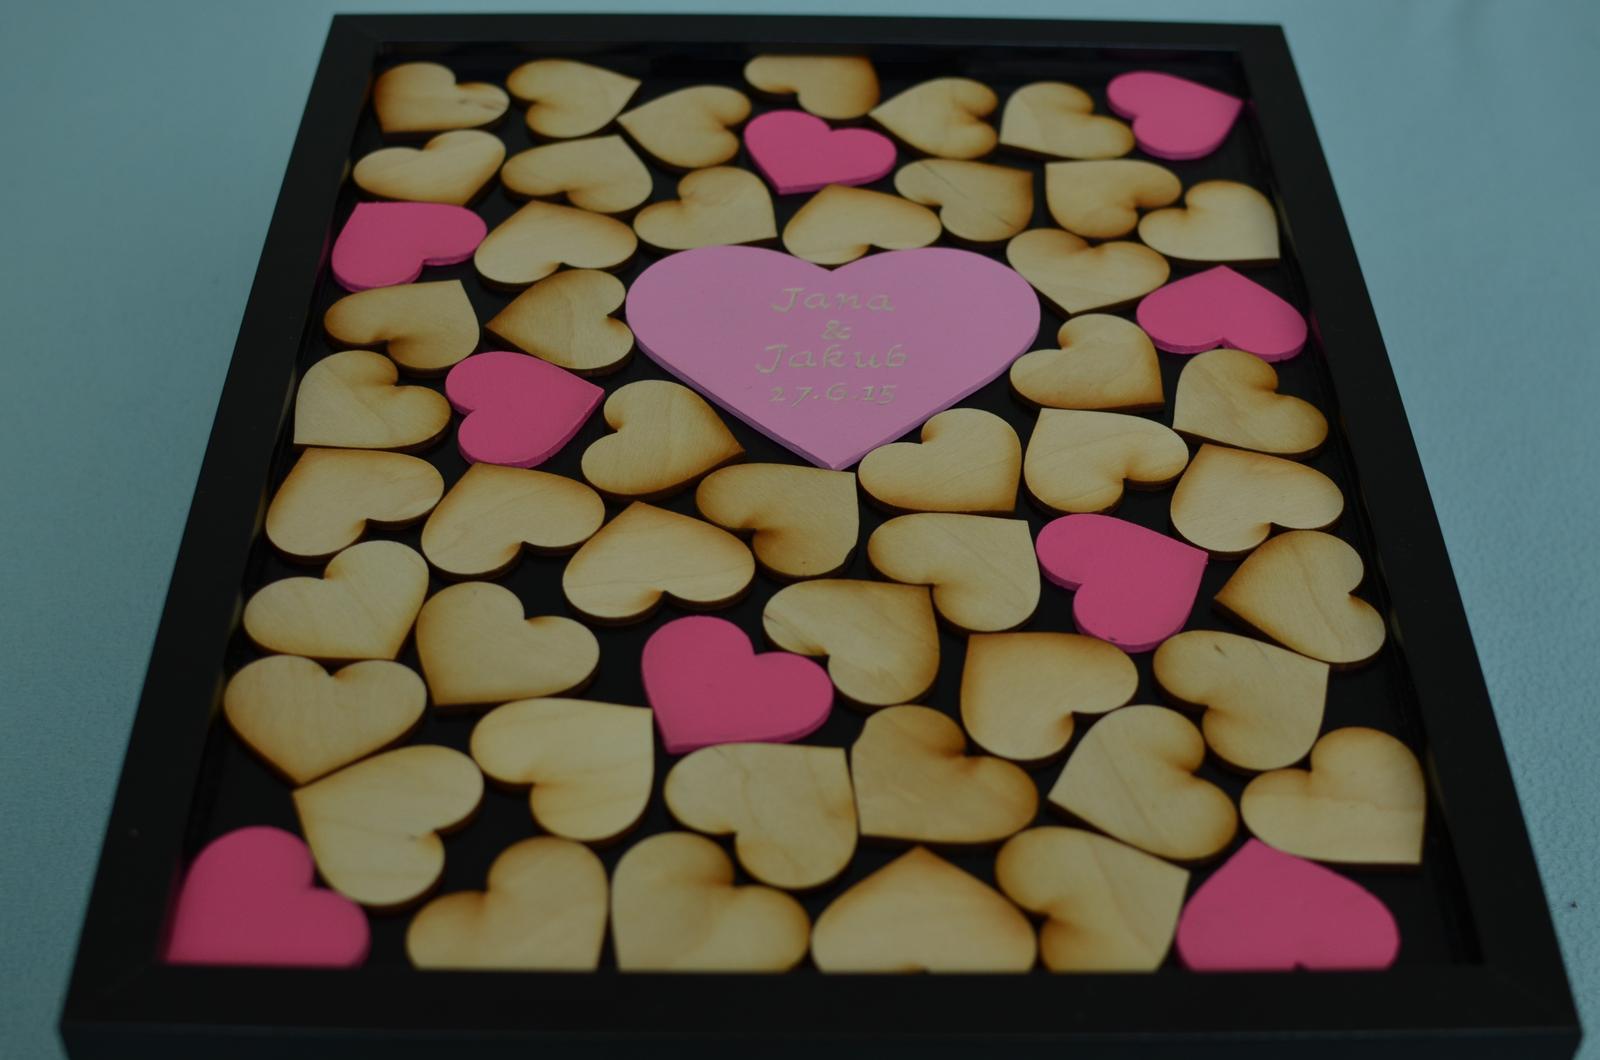 Moje práce - weddart - Rám srdce s barevnými srdíčky